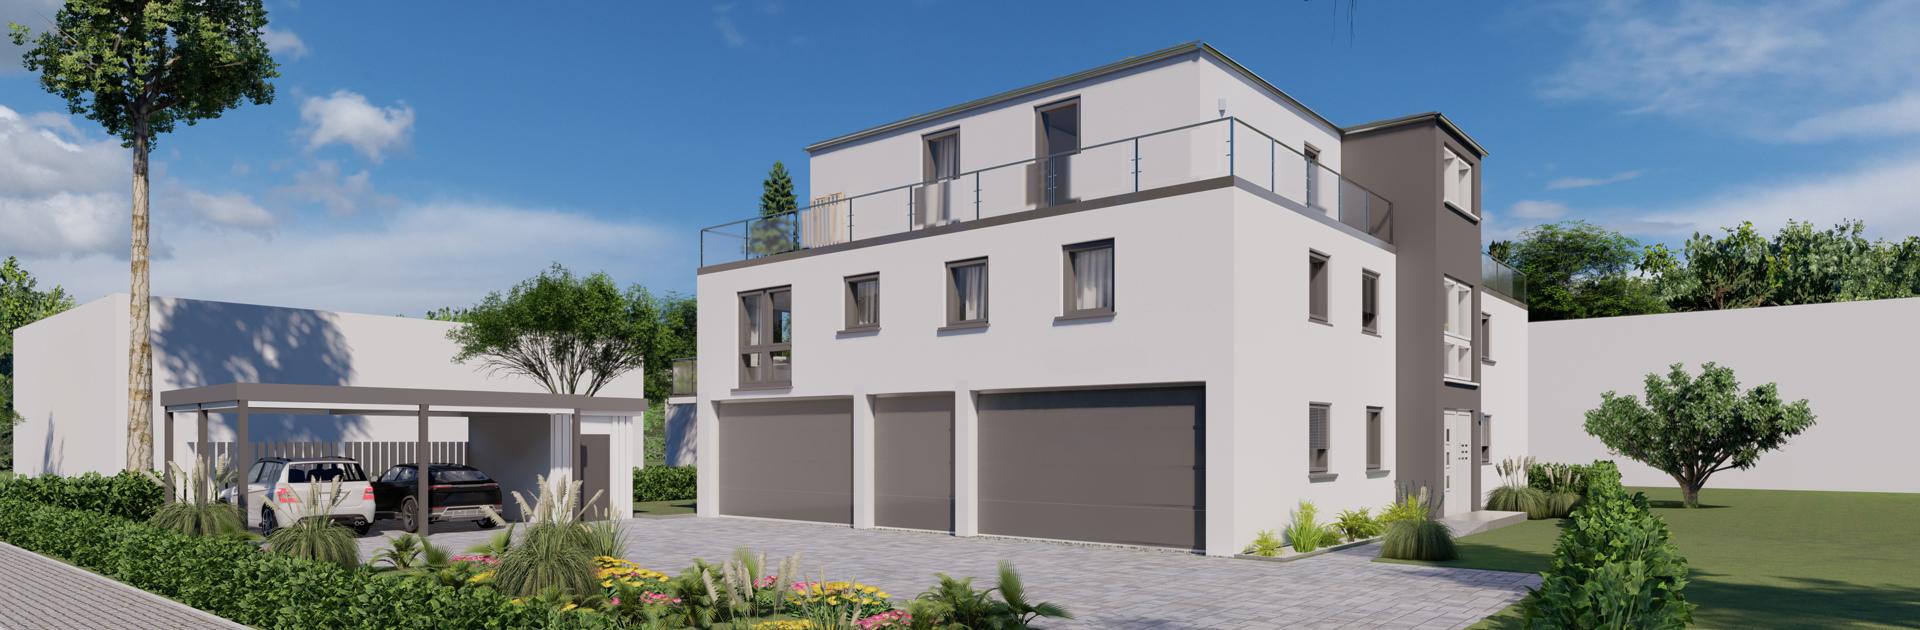 Häuser, Wohnungen, Grundstücke Und Immobilien Von FM Immobilien In Minden